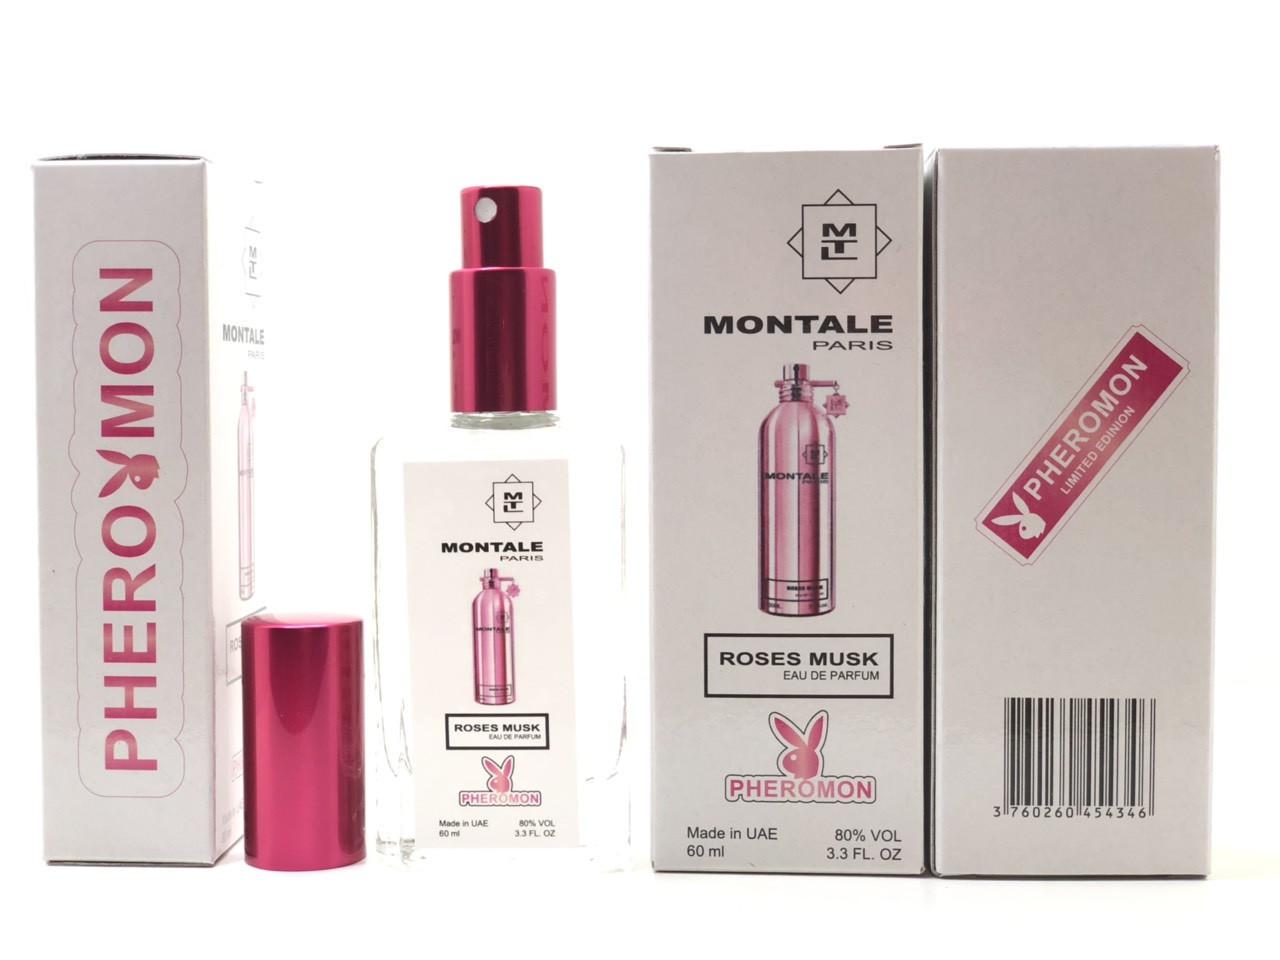 Montale Roses Musk парфюмерия женская тестер 60 ml с феромонами в цветной упаковке (реплика)